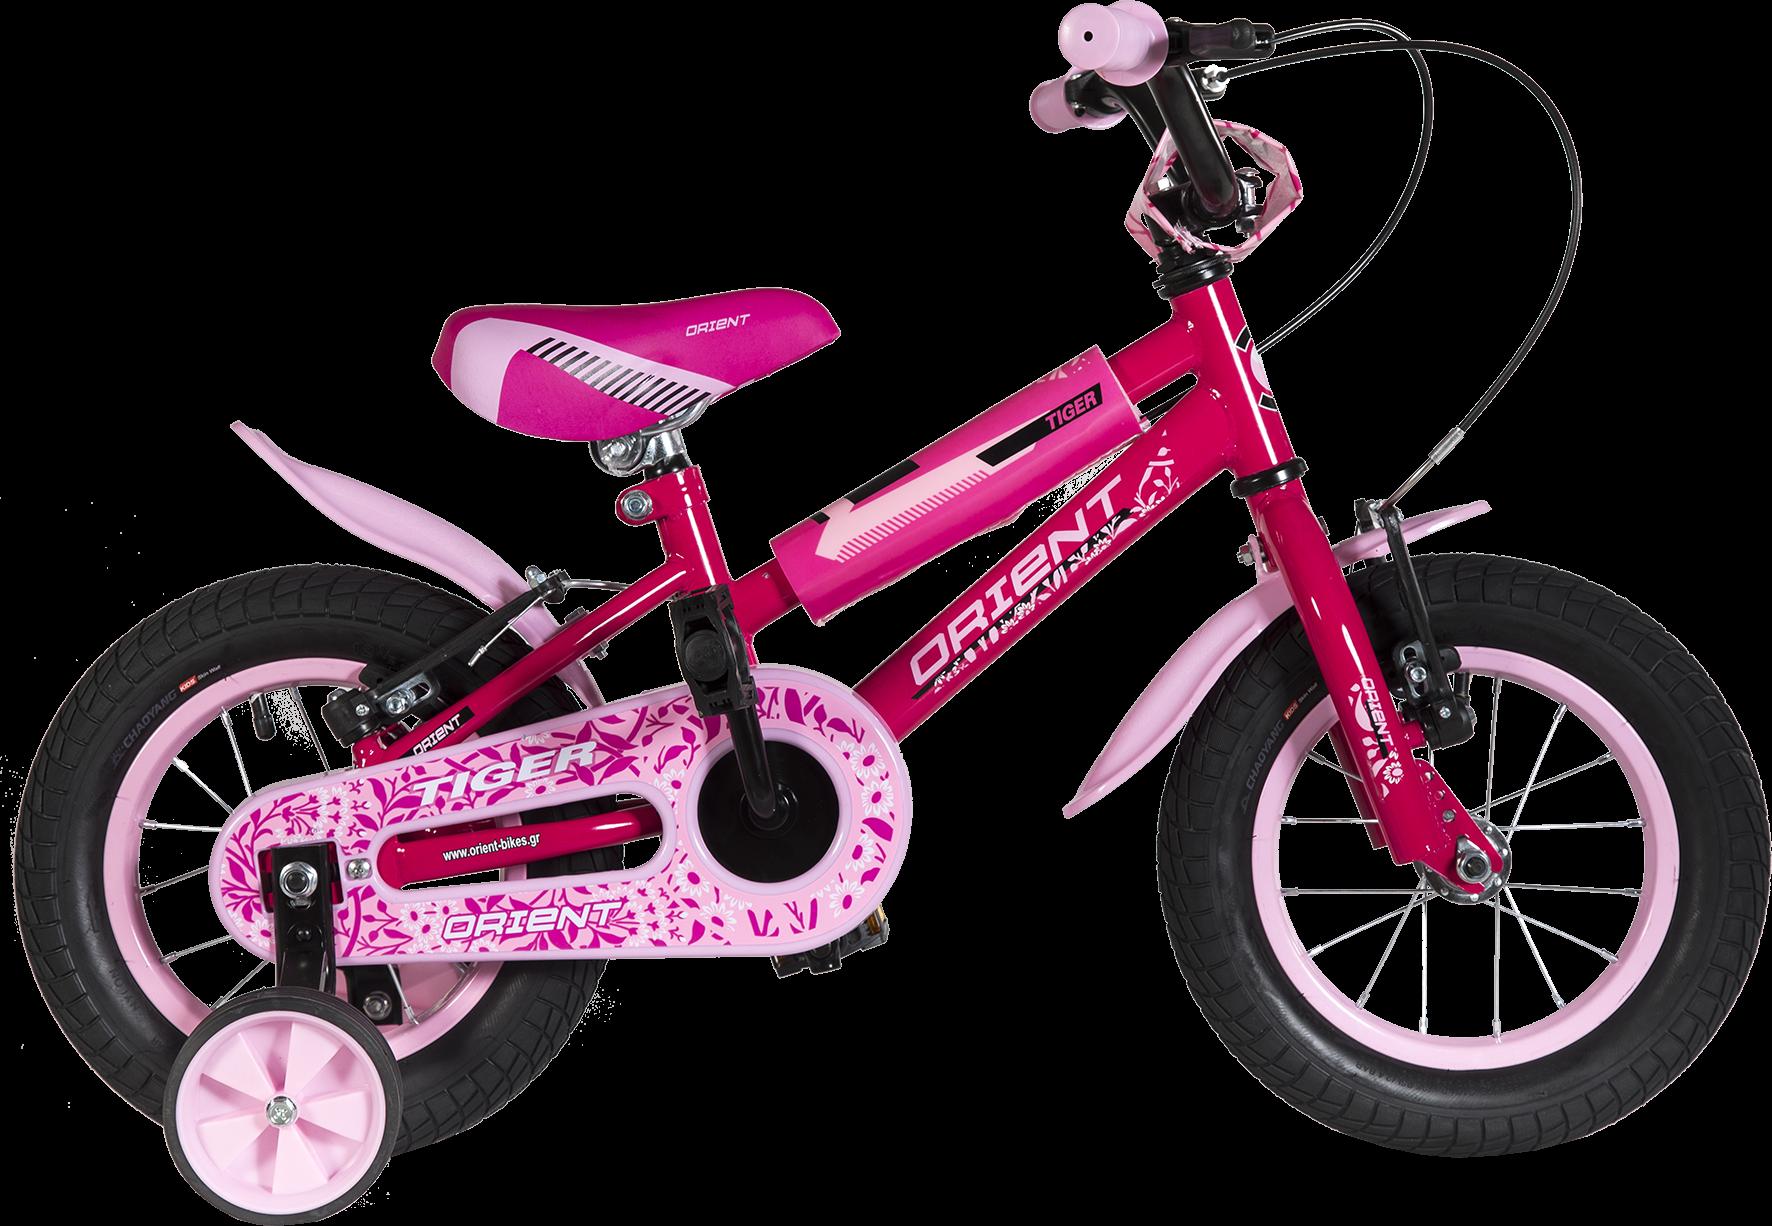 ΠΟΔΗΛΑΤΟ 12'' ORIENT TIGER BMX ΓΙΑ ΚΟΡΙΤΣΙ ΣΕ 2 ΧΡΩΜΑΤΑ. ΣΕ ΟΛΑ ΤΑ ΠΟΔΗΛΑΤΑ -20% (151002)